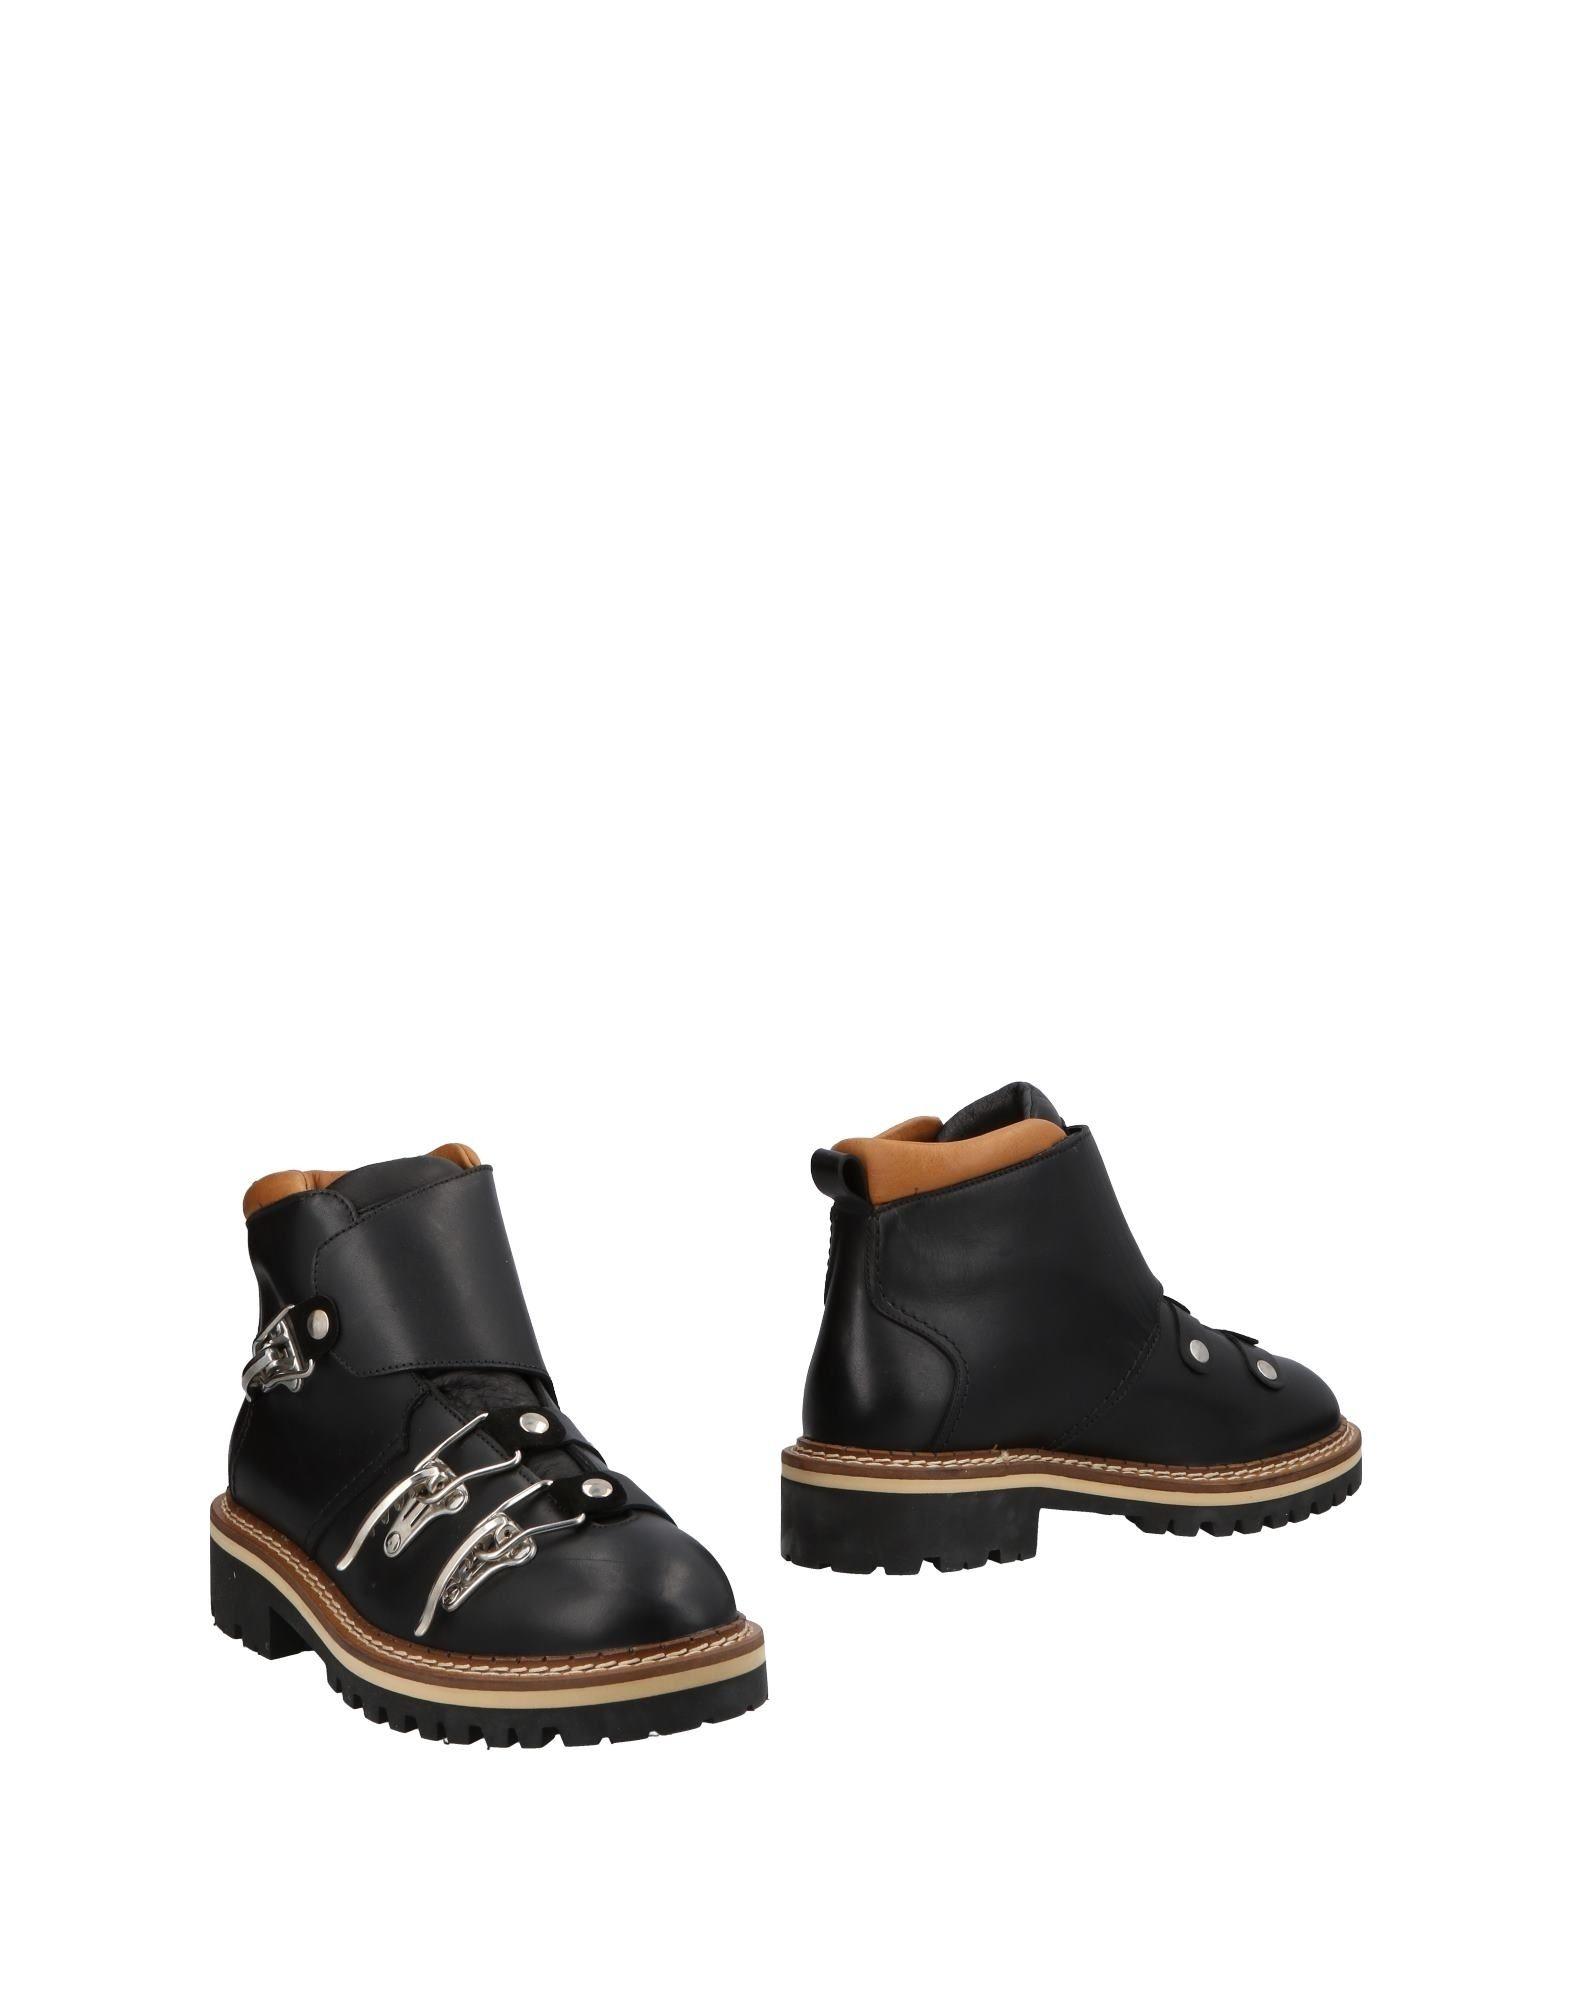 Haltbare Mode billige Schuhe Moschino Stiefelette Herren  11490548DW Heiße Schuhe